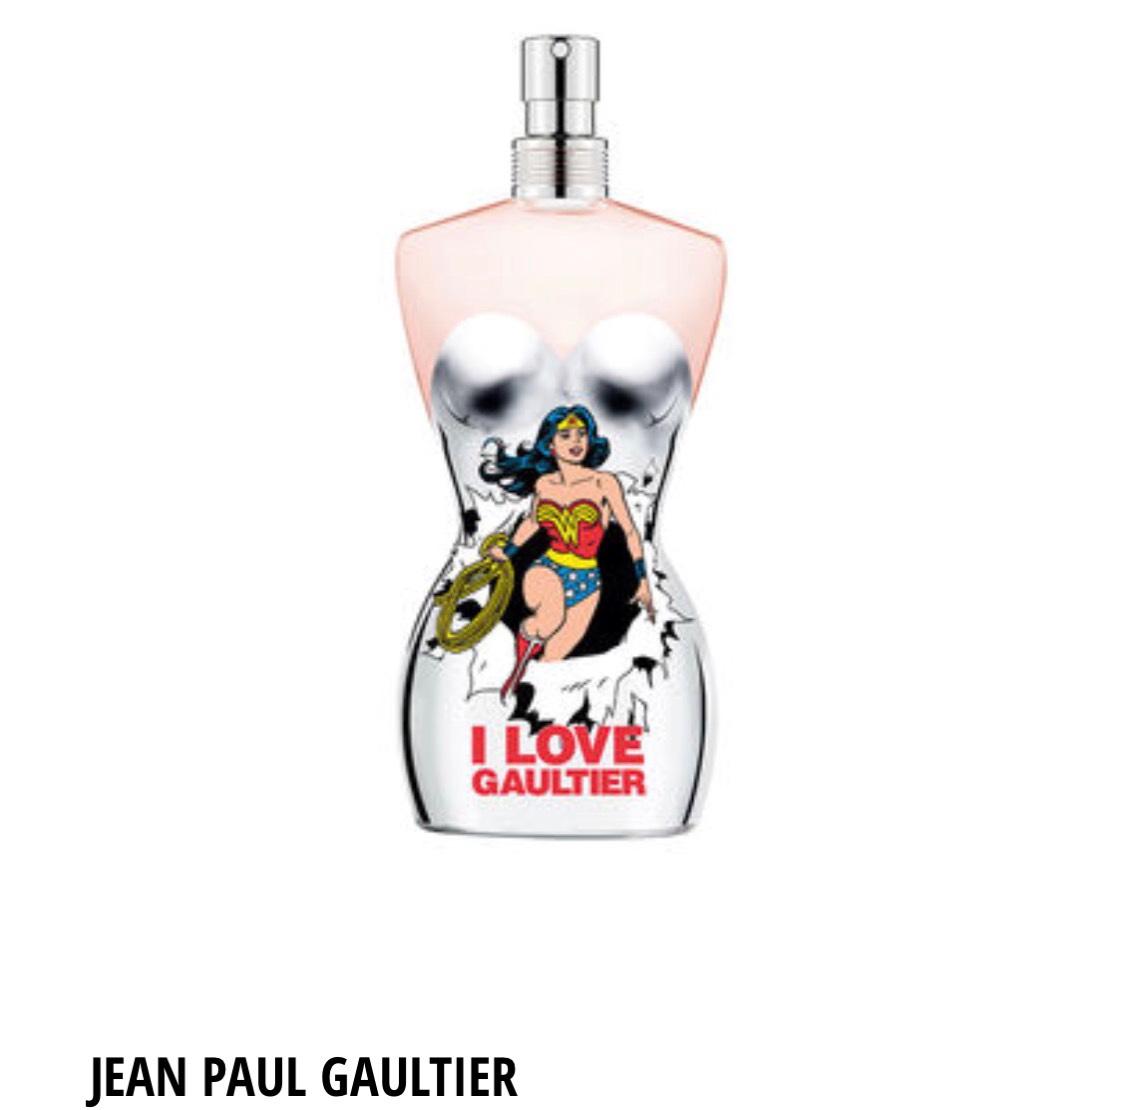 Jean Paul Gaultier Classique Eau Fraiche Wonder Woman 100ml £49.95 Fragrance Direct